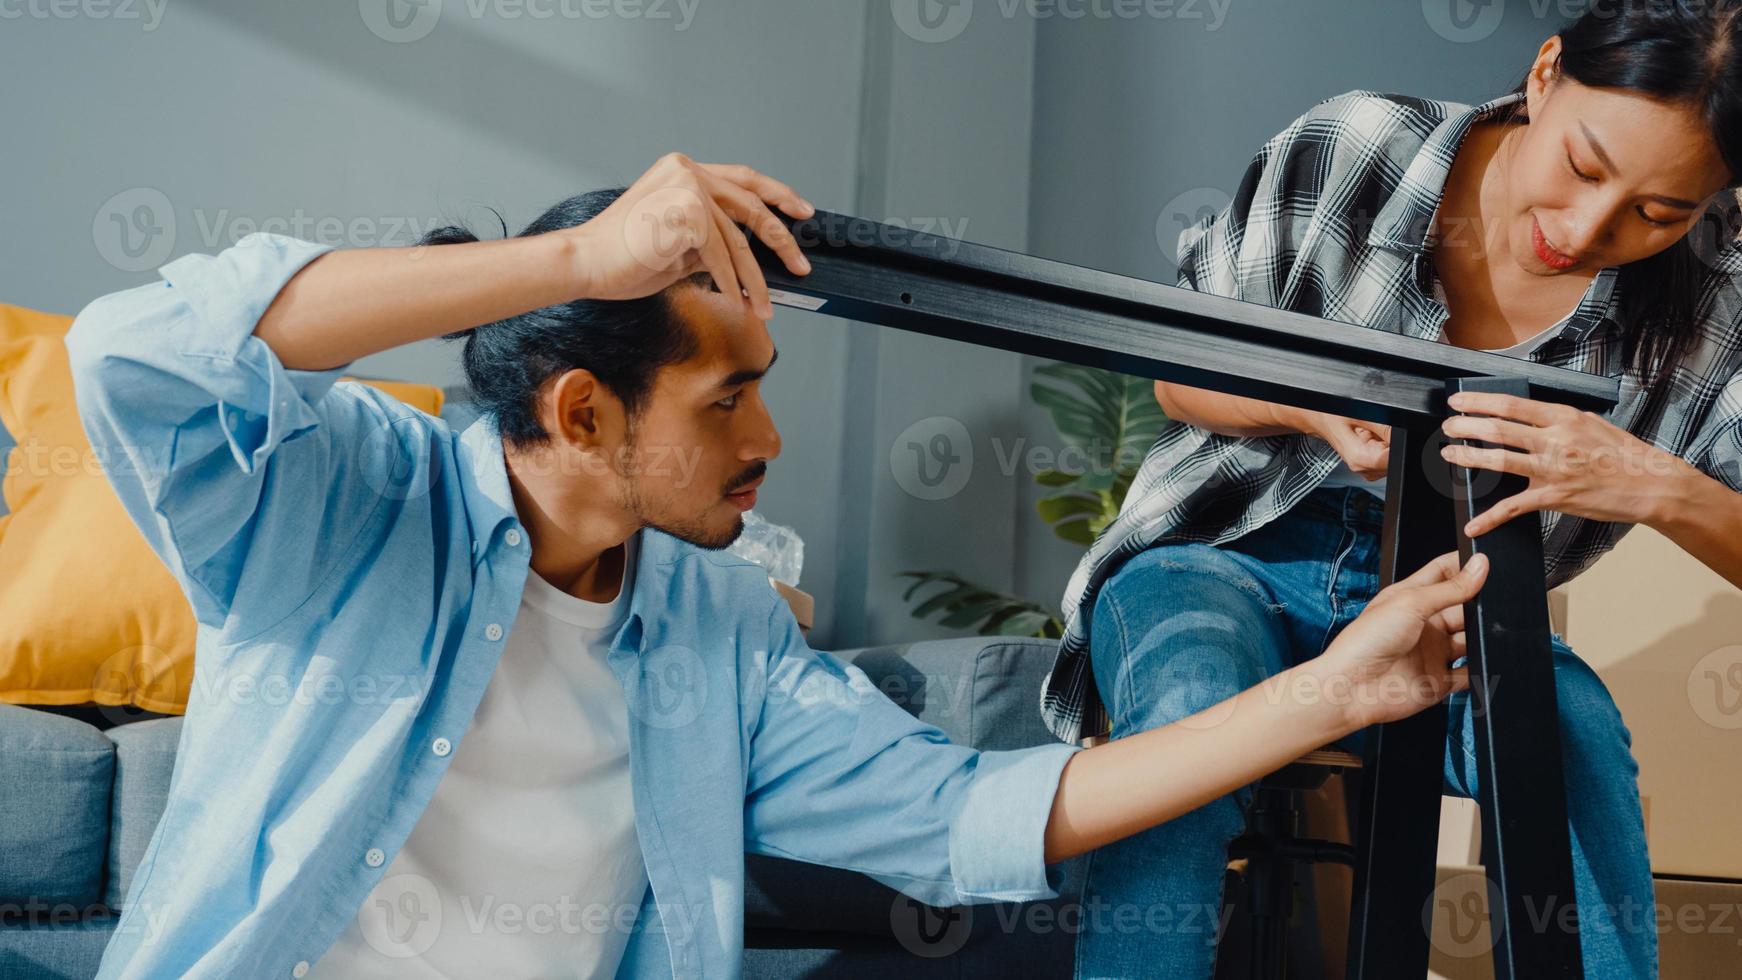 gelukkige Aziatische jonge aantrekkelijke paar man en vrouw helpen elkaar doos uitpakken en meubels monteren versieren huis bouwen tafel met kartonnen doos in de woonkamer. jong getrouwd aziatisch verhuisconcept. foto